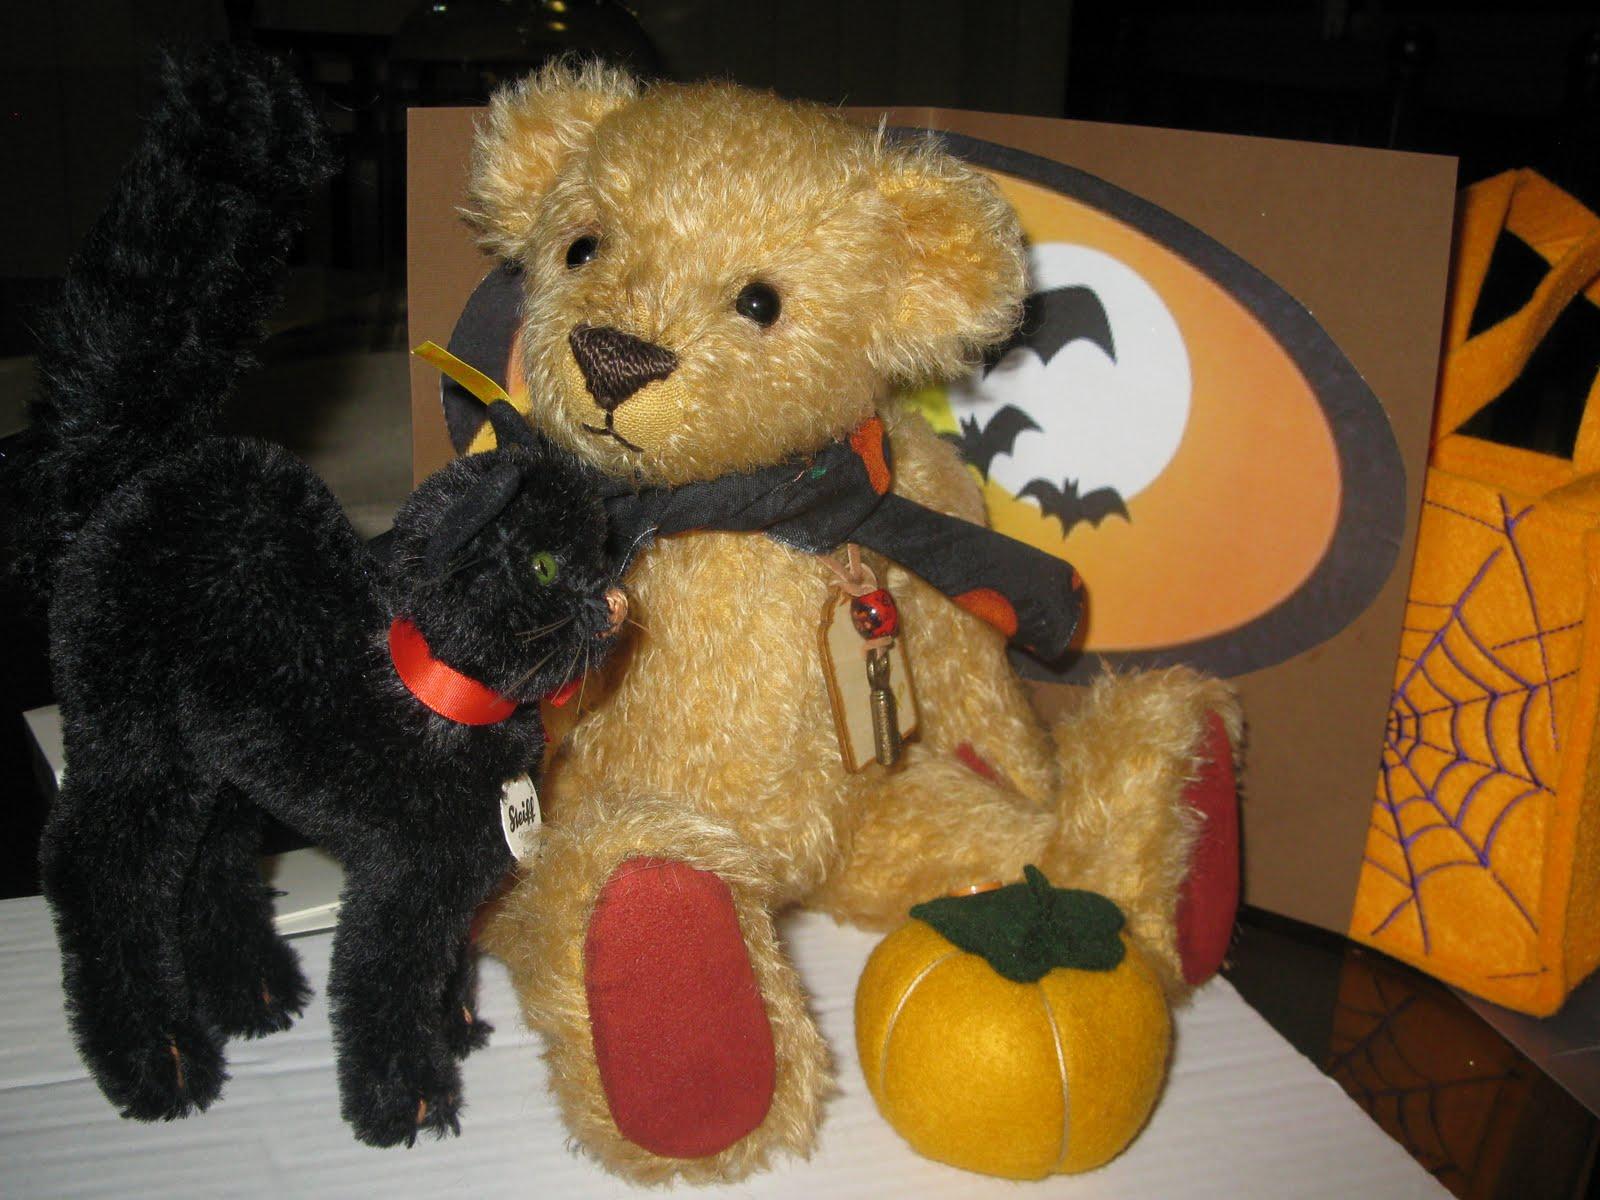 http://4.bp.blogspot.com/-YM7PlFoXa7Q/Tq2LfyL9hkI/AAAAAAAAA7o/1O7S0yNby3s/s1600/Halloween%252B001.JPG